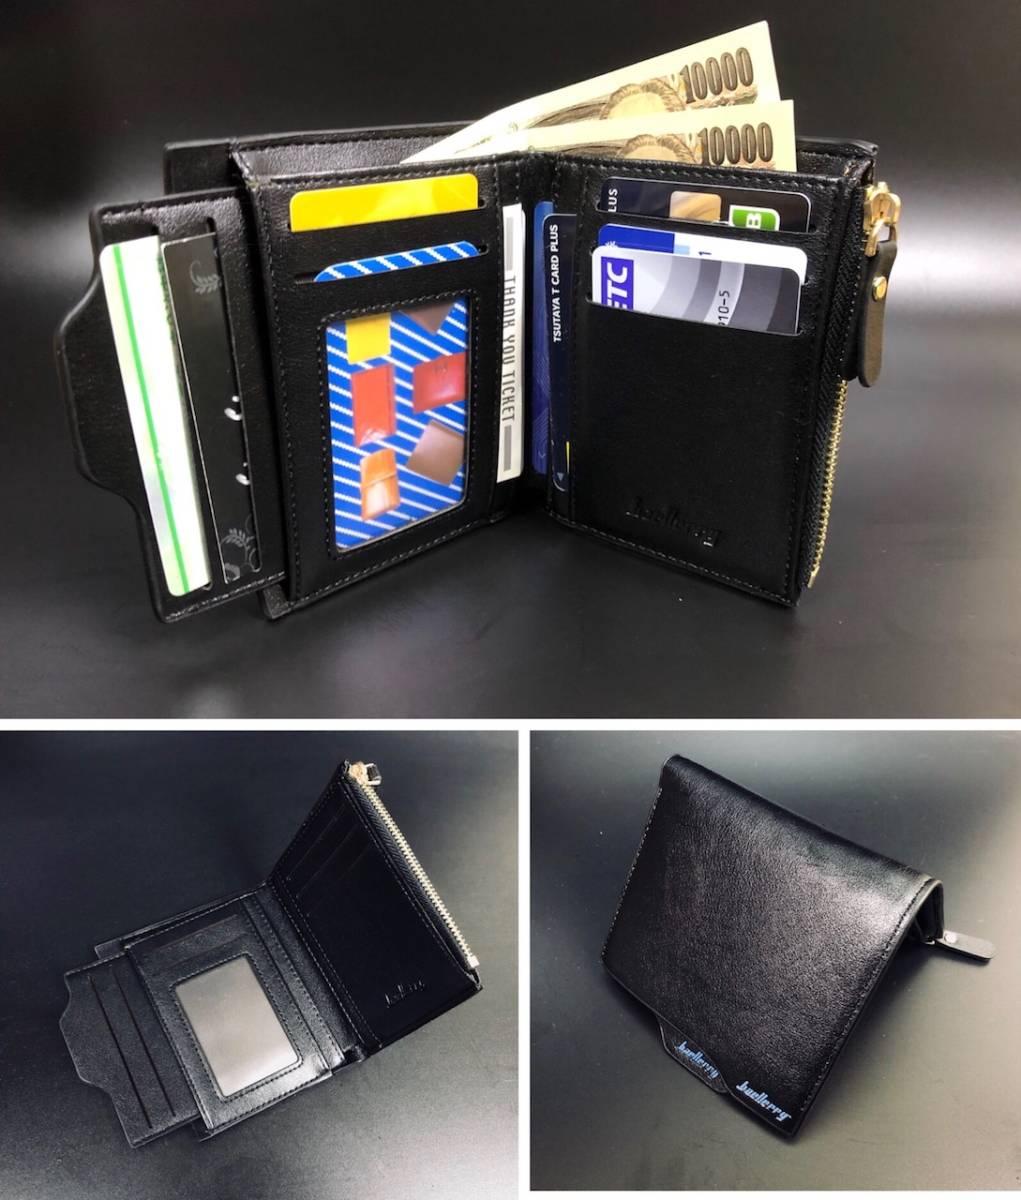 財布 二つ折り財布 コンパクト メンズ お札入れ 小銭入れ カードケース フォトフレーム付き ウォレット 黒色 ブラック_画像4